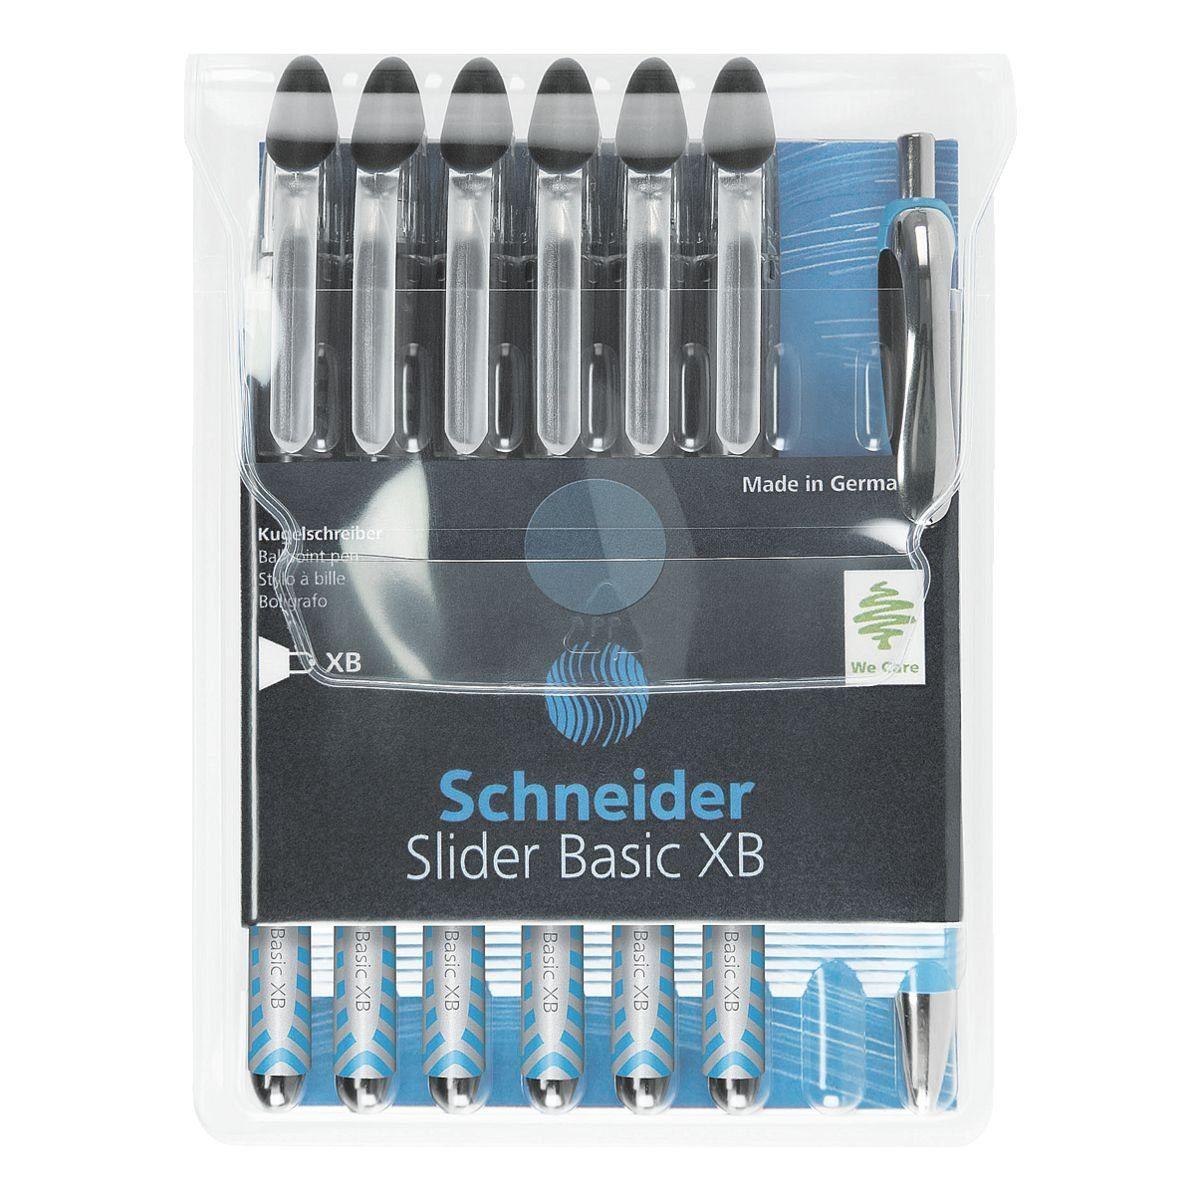 SCHNEIDER 6er-Set Kugelschreiber 1512 mit Kugelschreiber »Slider XB«